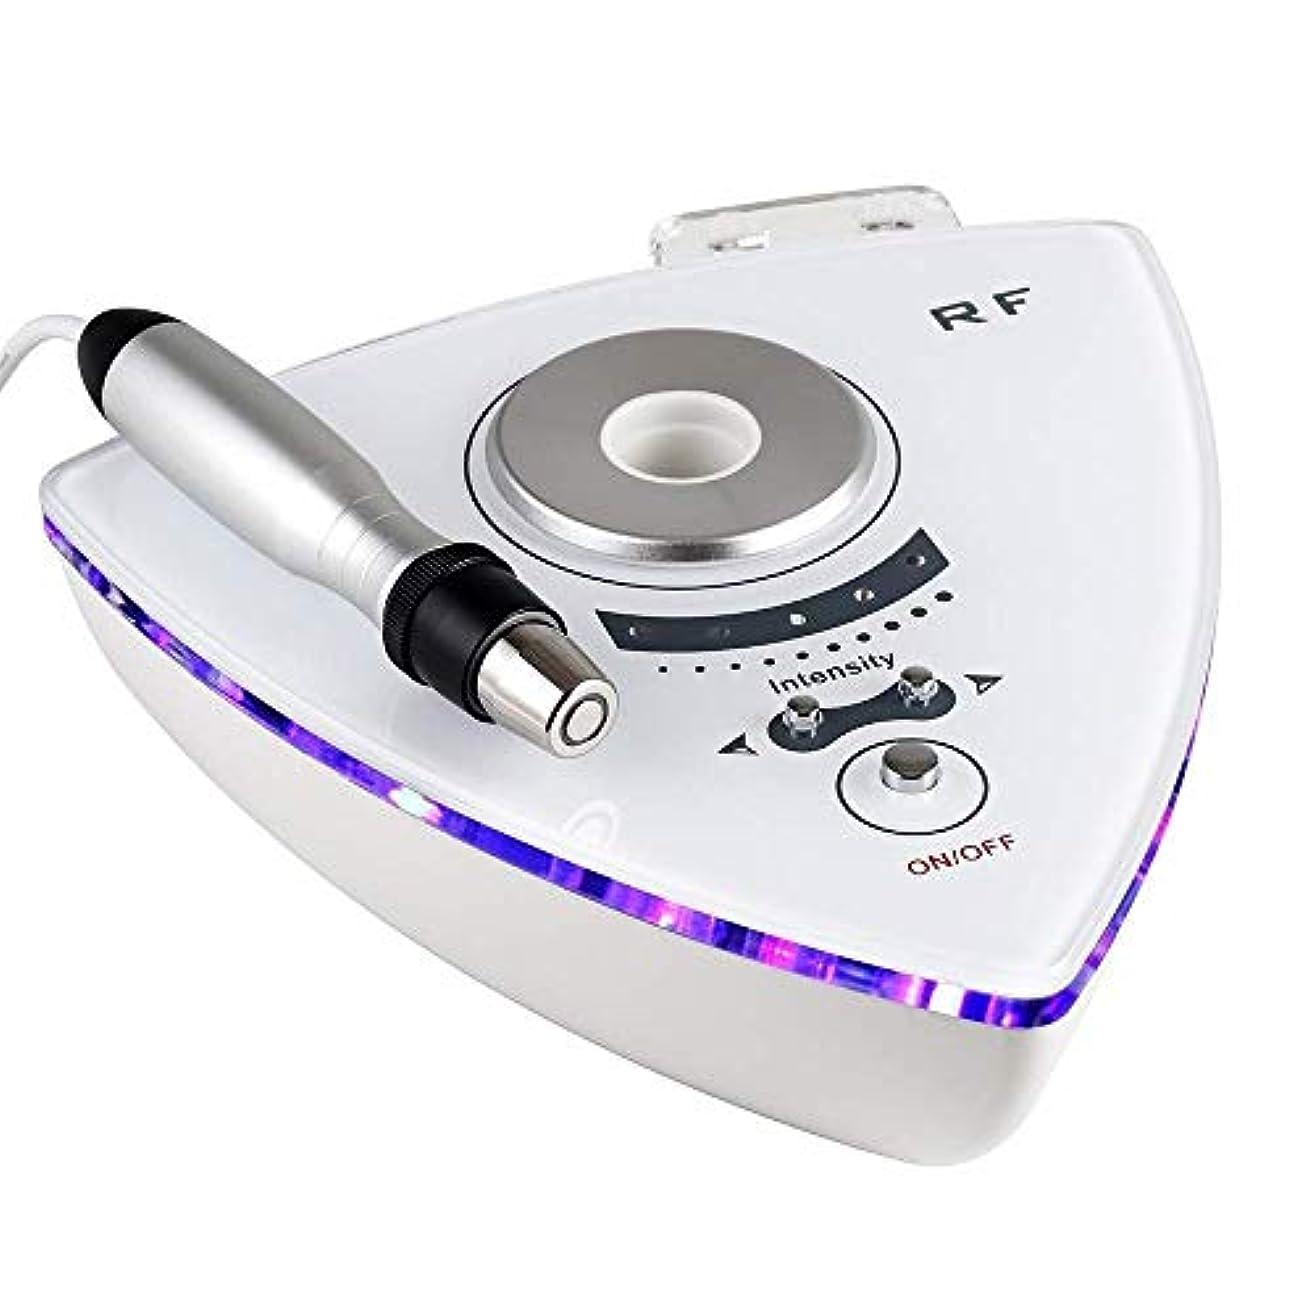 虹たとえ残忍なアンチエイジングスキンケア美容機器を引き締め肌の若返りしわ除去肌のためにRF無線周波数ひげマシンポータブル